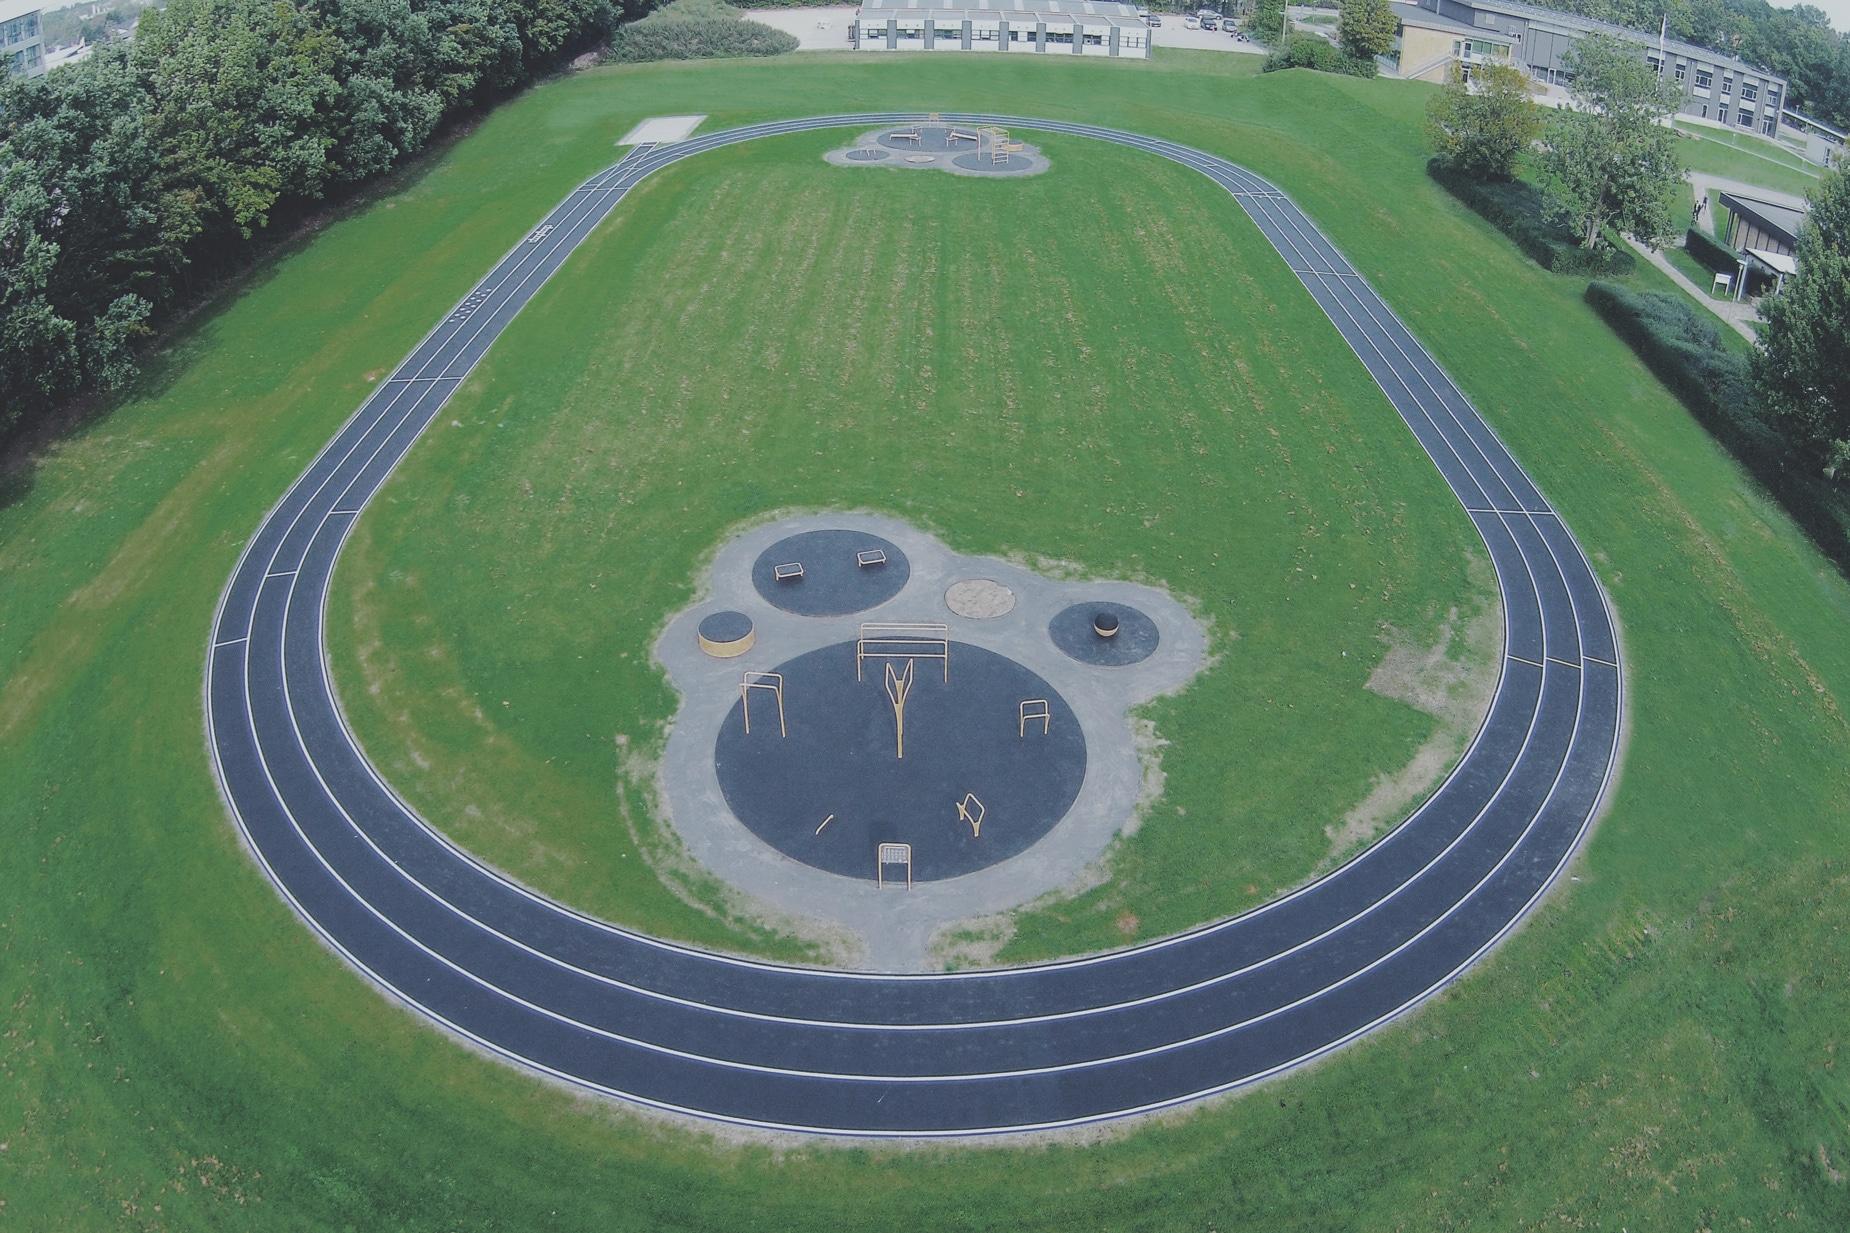 Udendørs motionsredskaber træningspark 200m løbebane helstøbtgummi